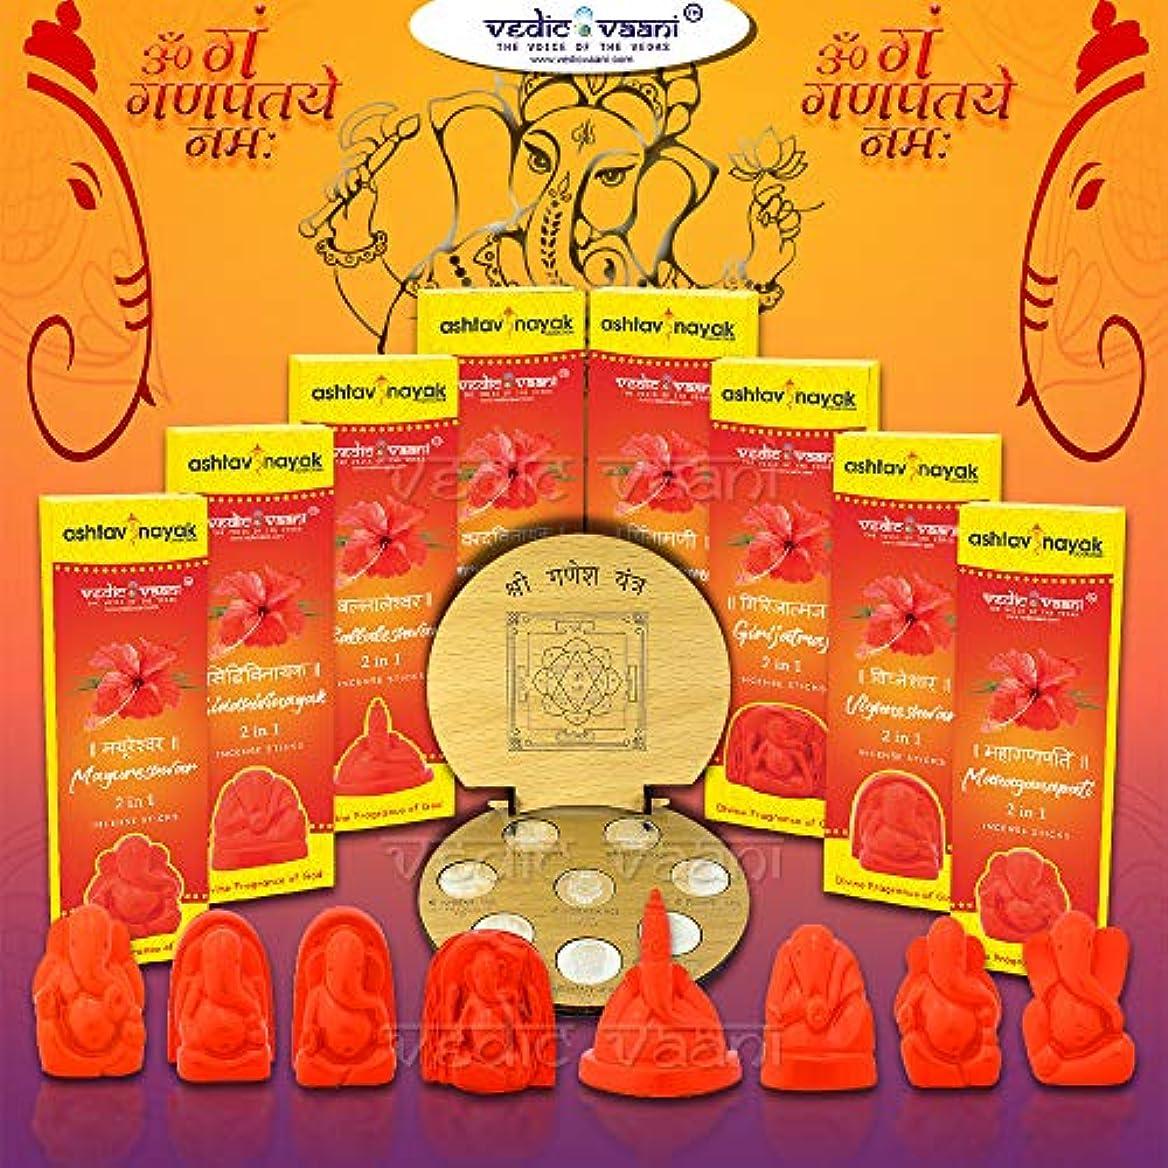 前部ジェット重要Vedic Vaani Shree Ashtavinayak Darshan Yantra with Ashtavinayak Darshan Set & Ganesh Festival お香セット (各100GM)